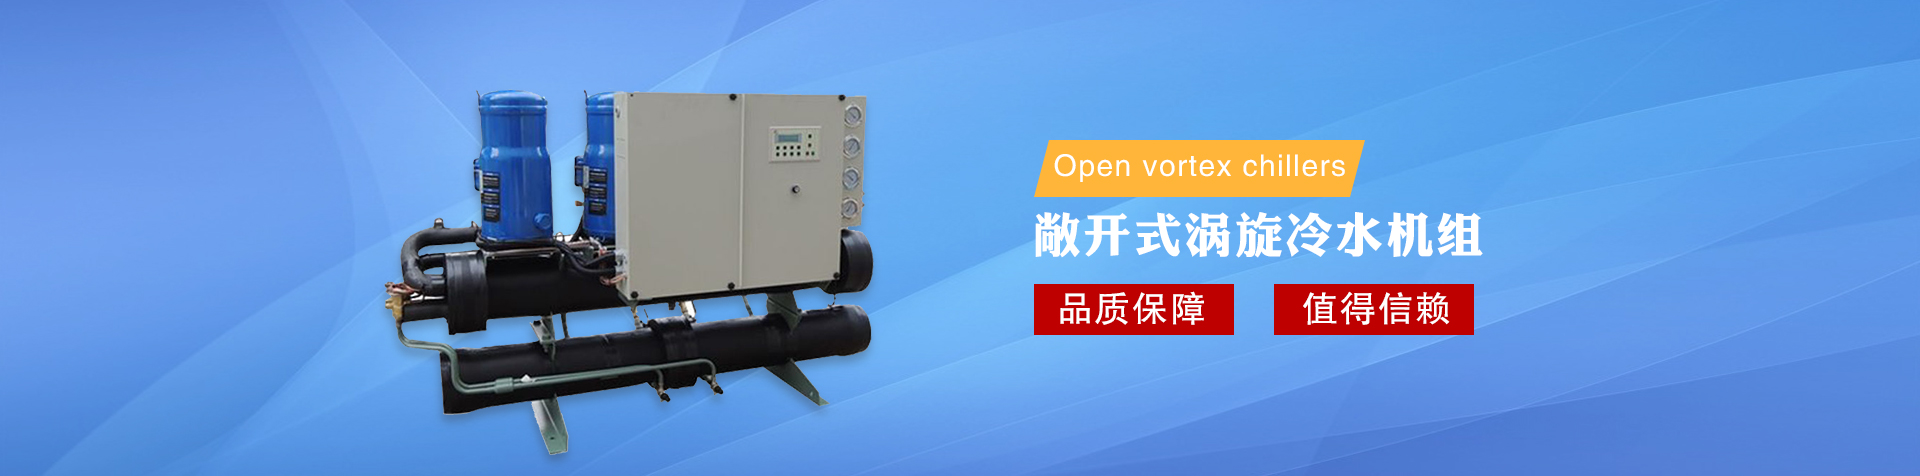 上海研工机械有限公司